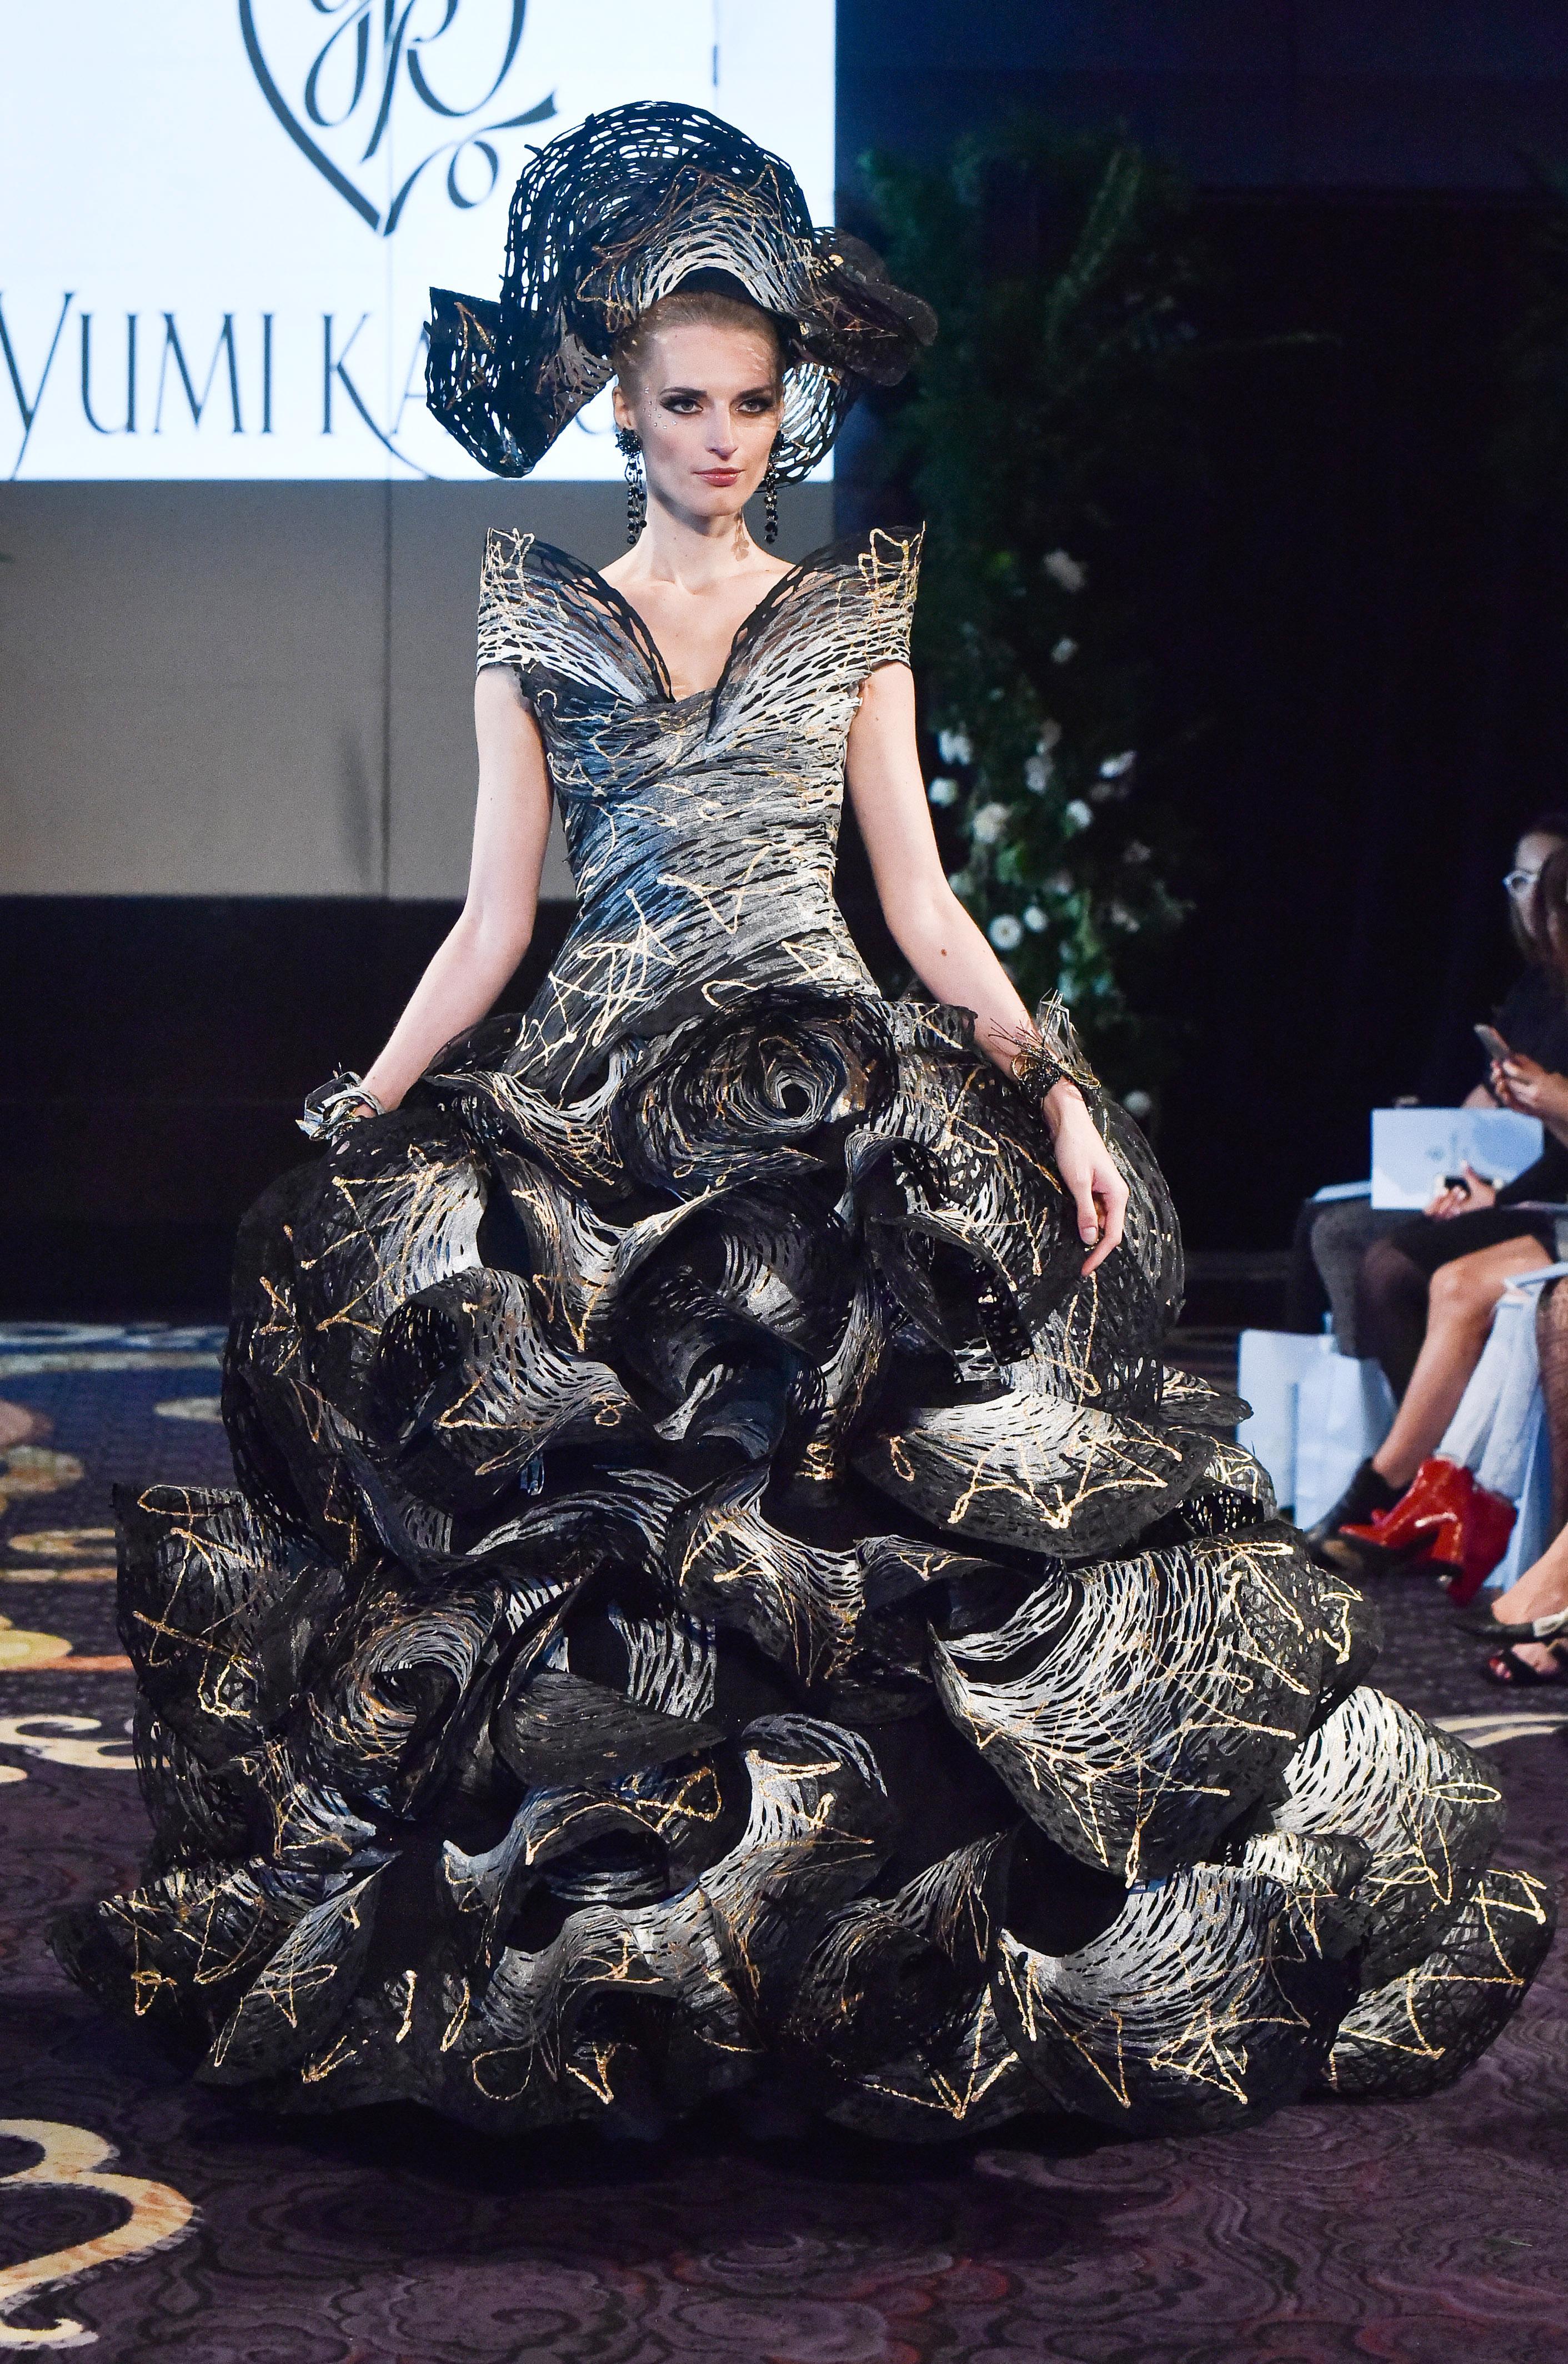 yumi katsura black wedding and white ruffle dress fall 2018